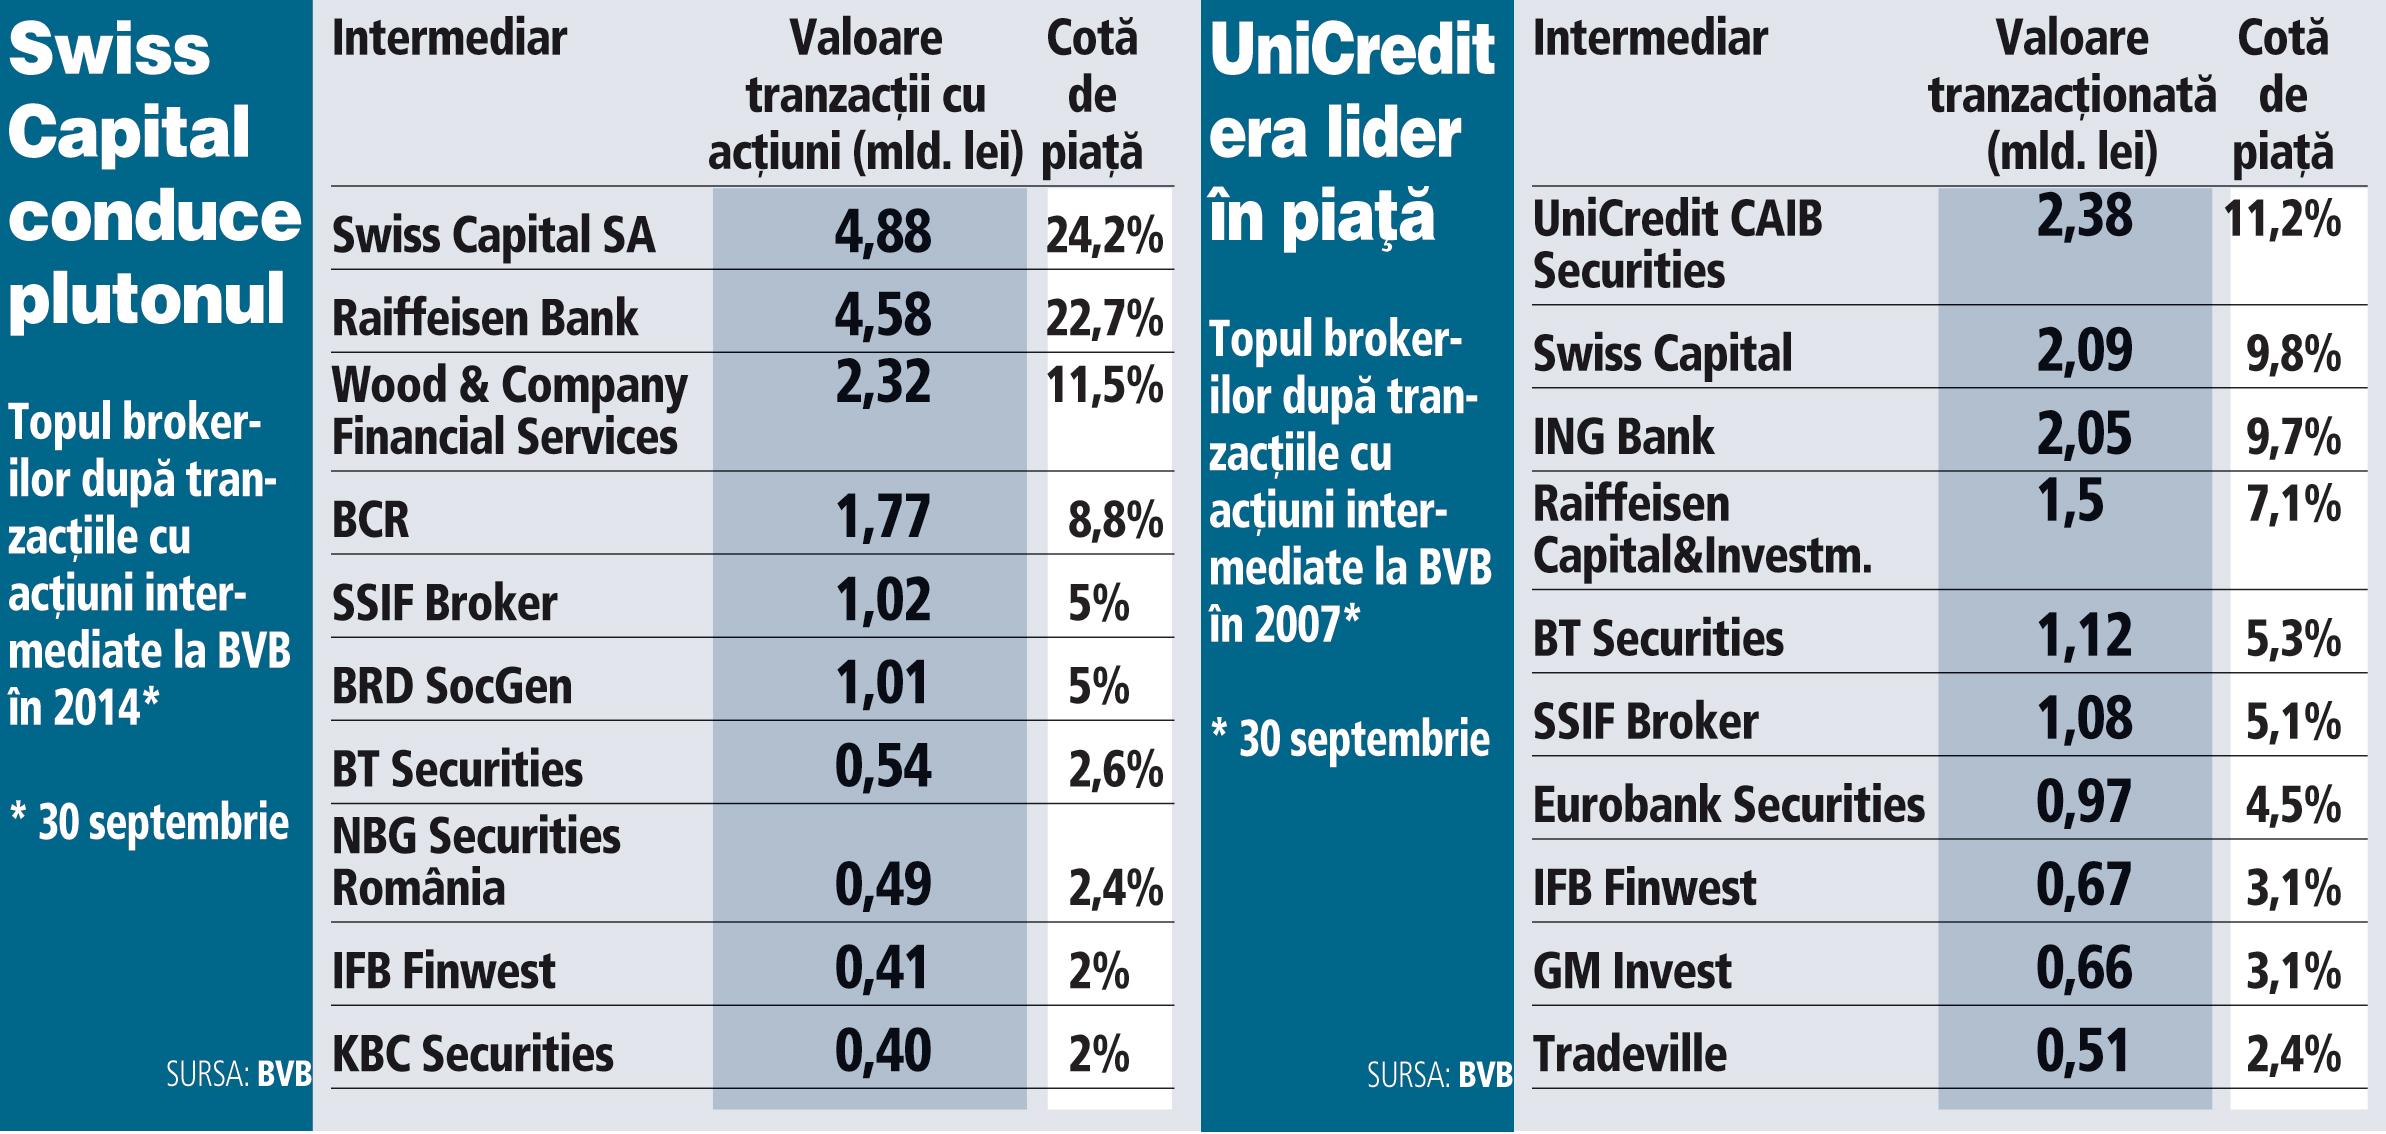 Topul brokerilor după tranzacţiile cu acţiuni intermediate la BVB în 2014*